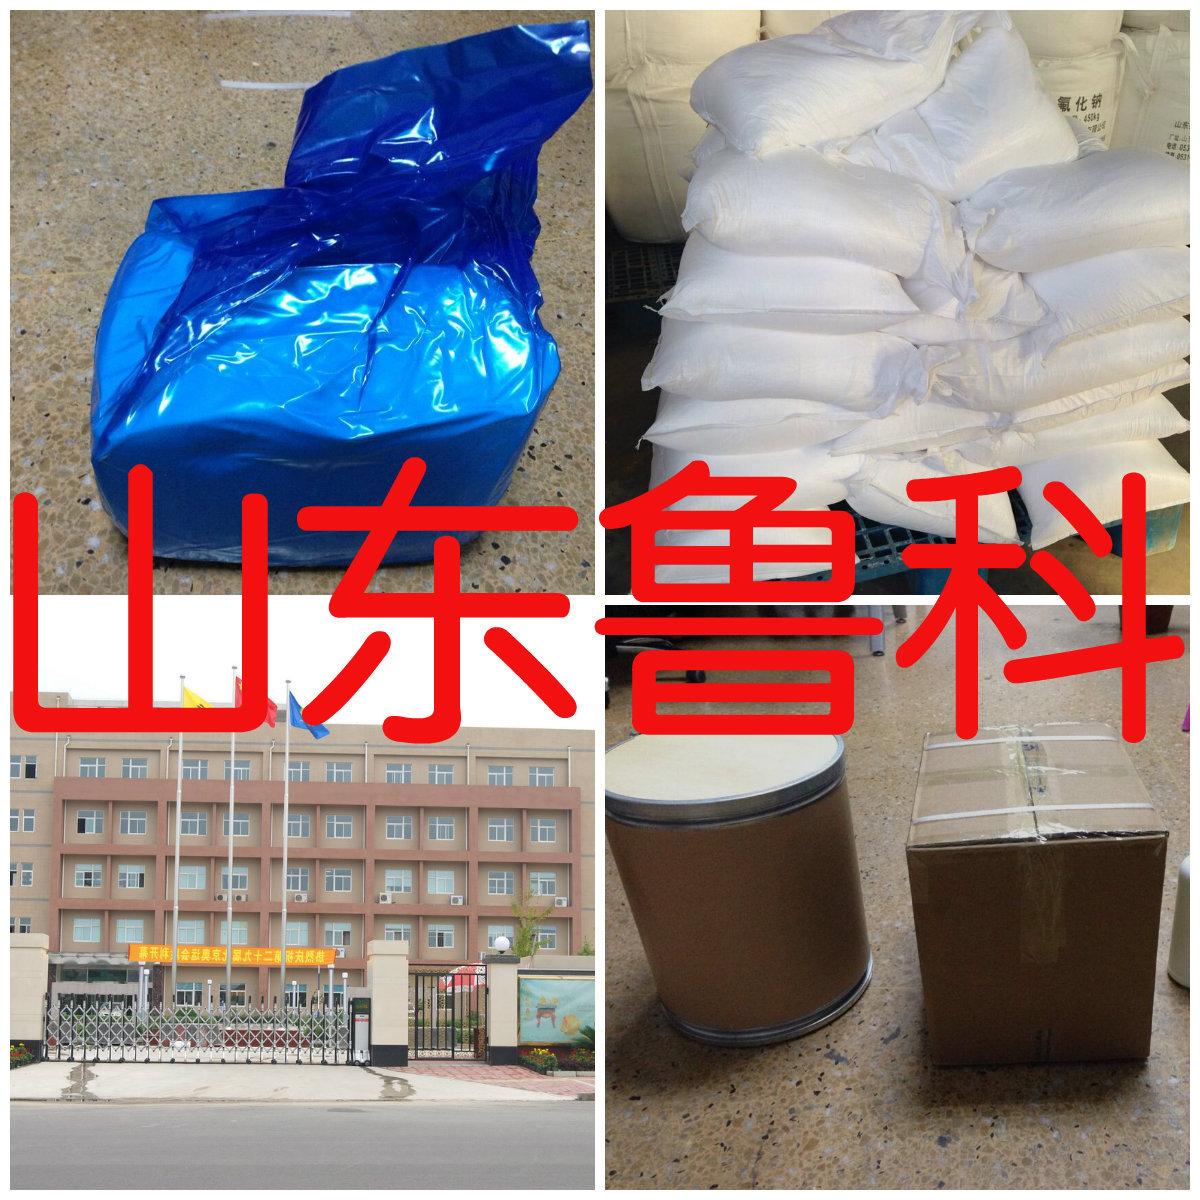 2,4-二氯嘧啶 鲁科化工 专业生产 优质2,4-二氯嘧啶 山东安